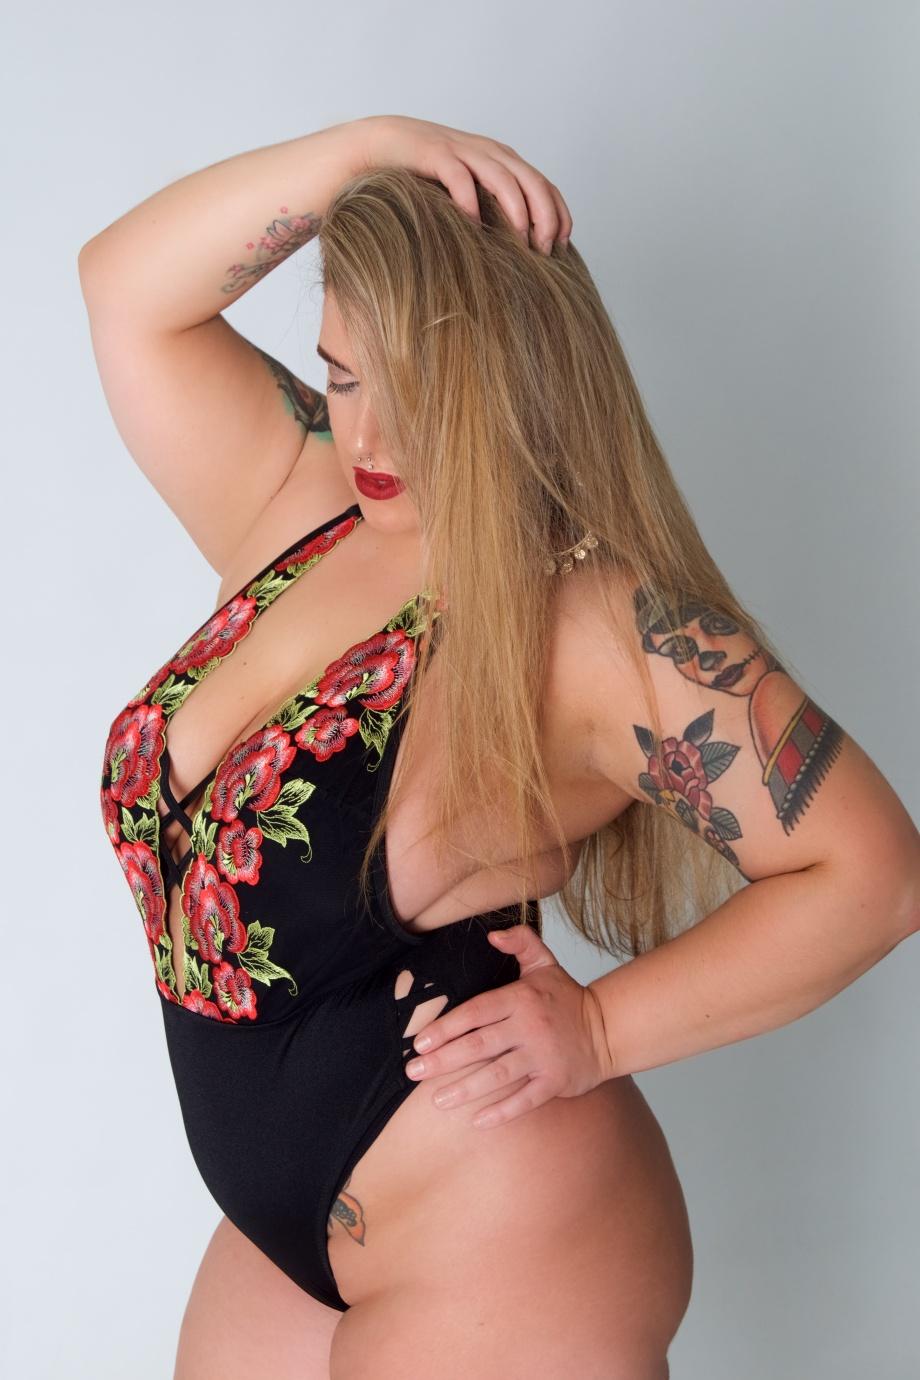 ava hennessy, glamour, studio shoot, curvy, pole dancer, exotic dancer, lingerie